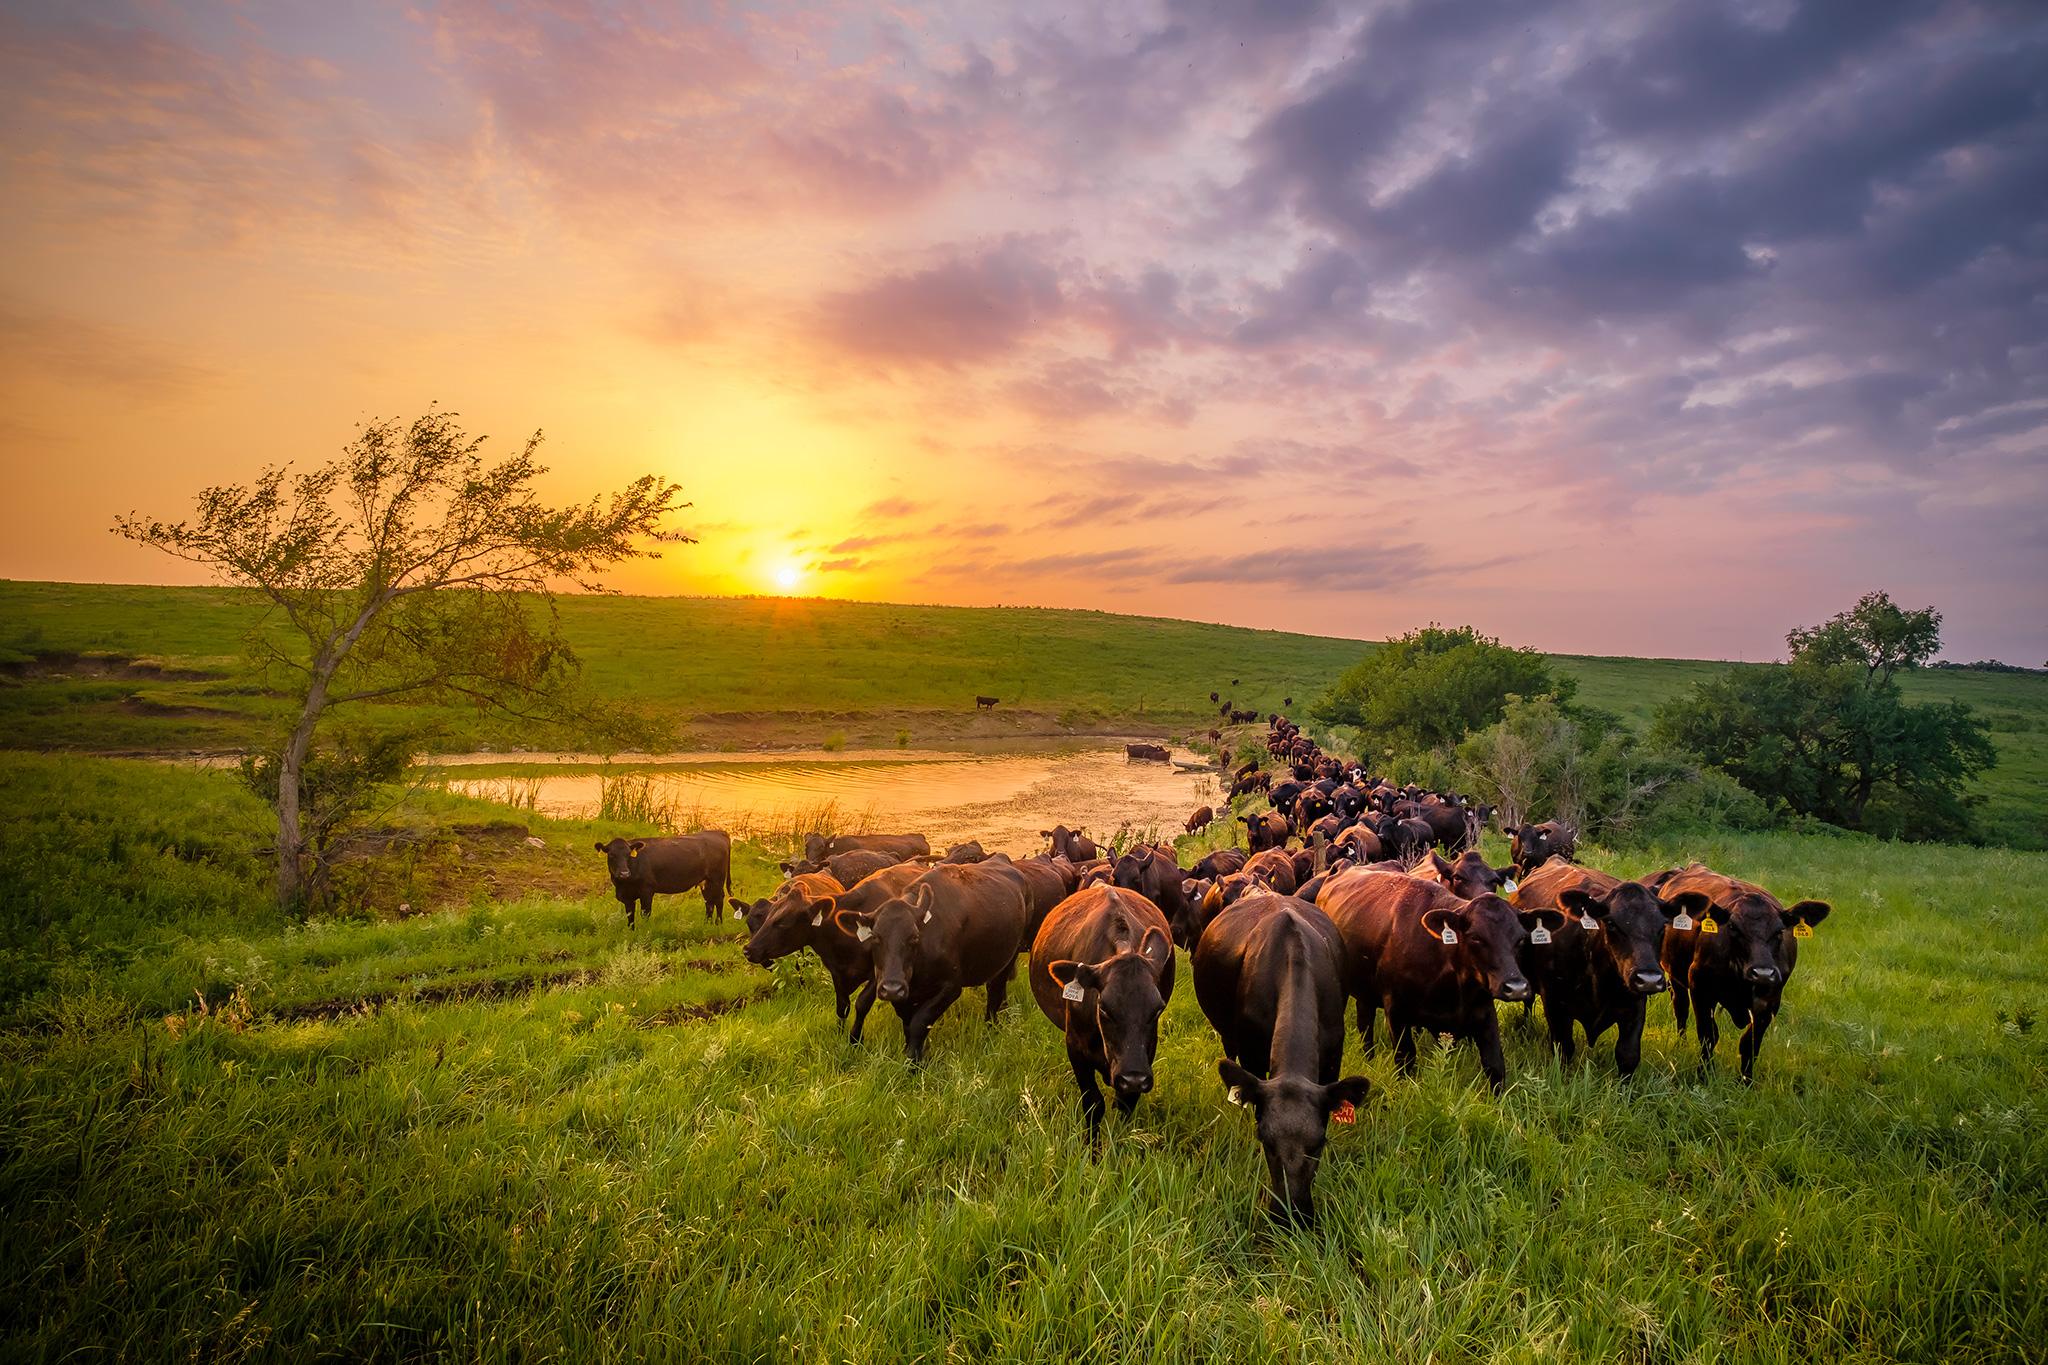 Cattle grazing the Flint Hills approach at sunset.